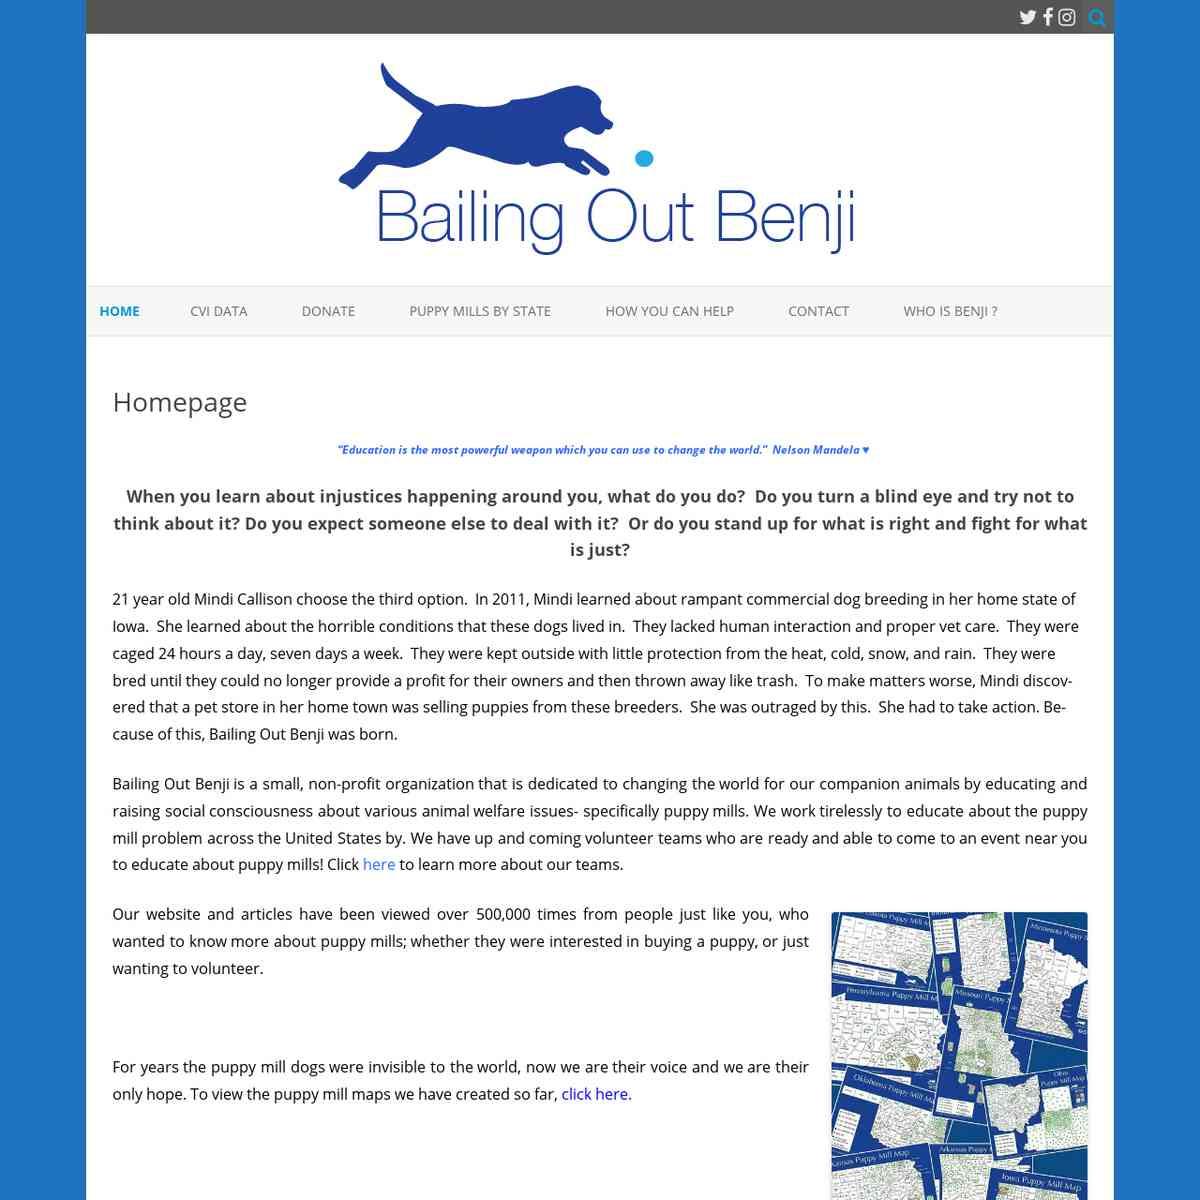 Bailing Out Benji